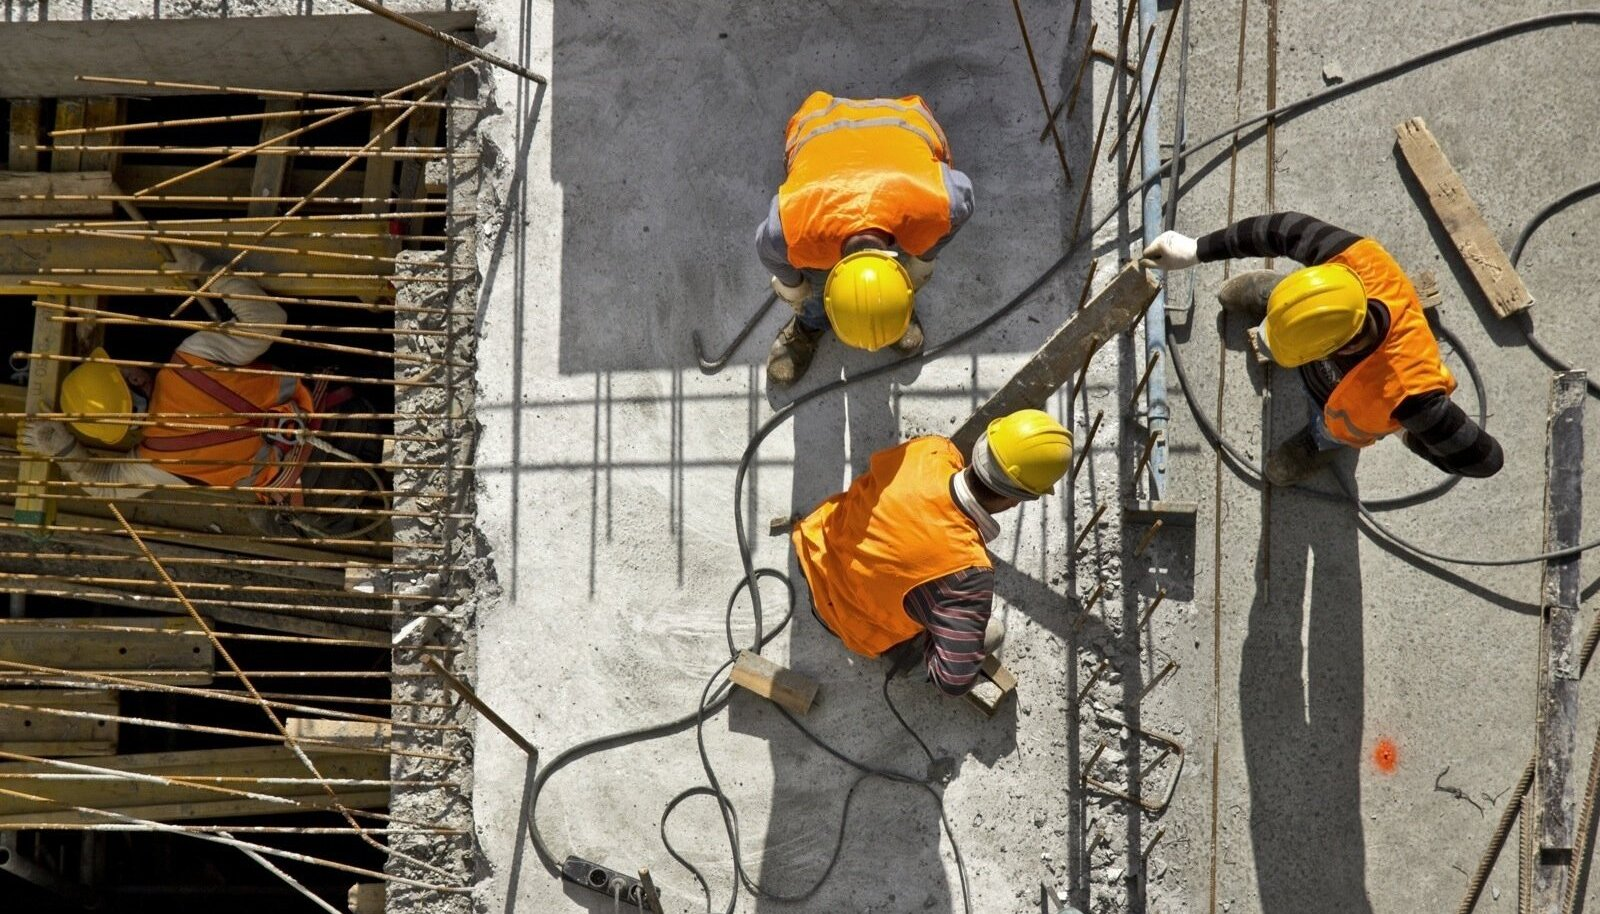 Ukraina kodanikud moodustavad suurema osa Eesti lühiajalistest töötajatest, kellest umbes kolmandik töötab ehituses.